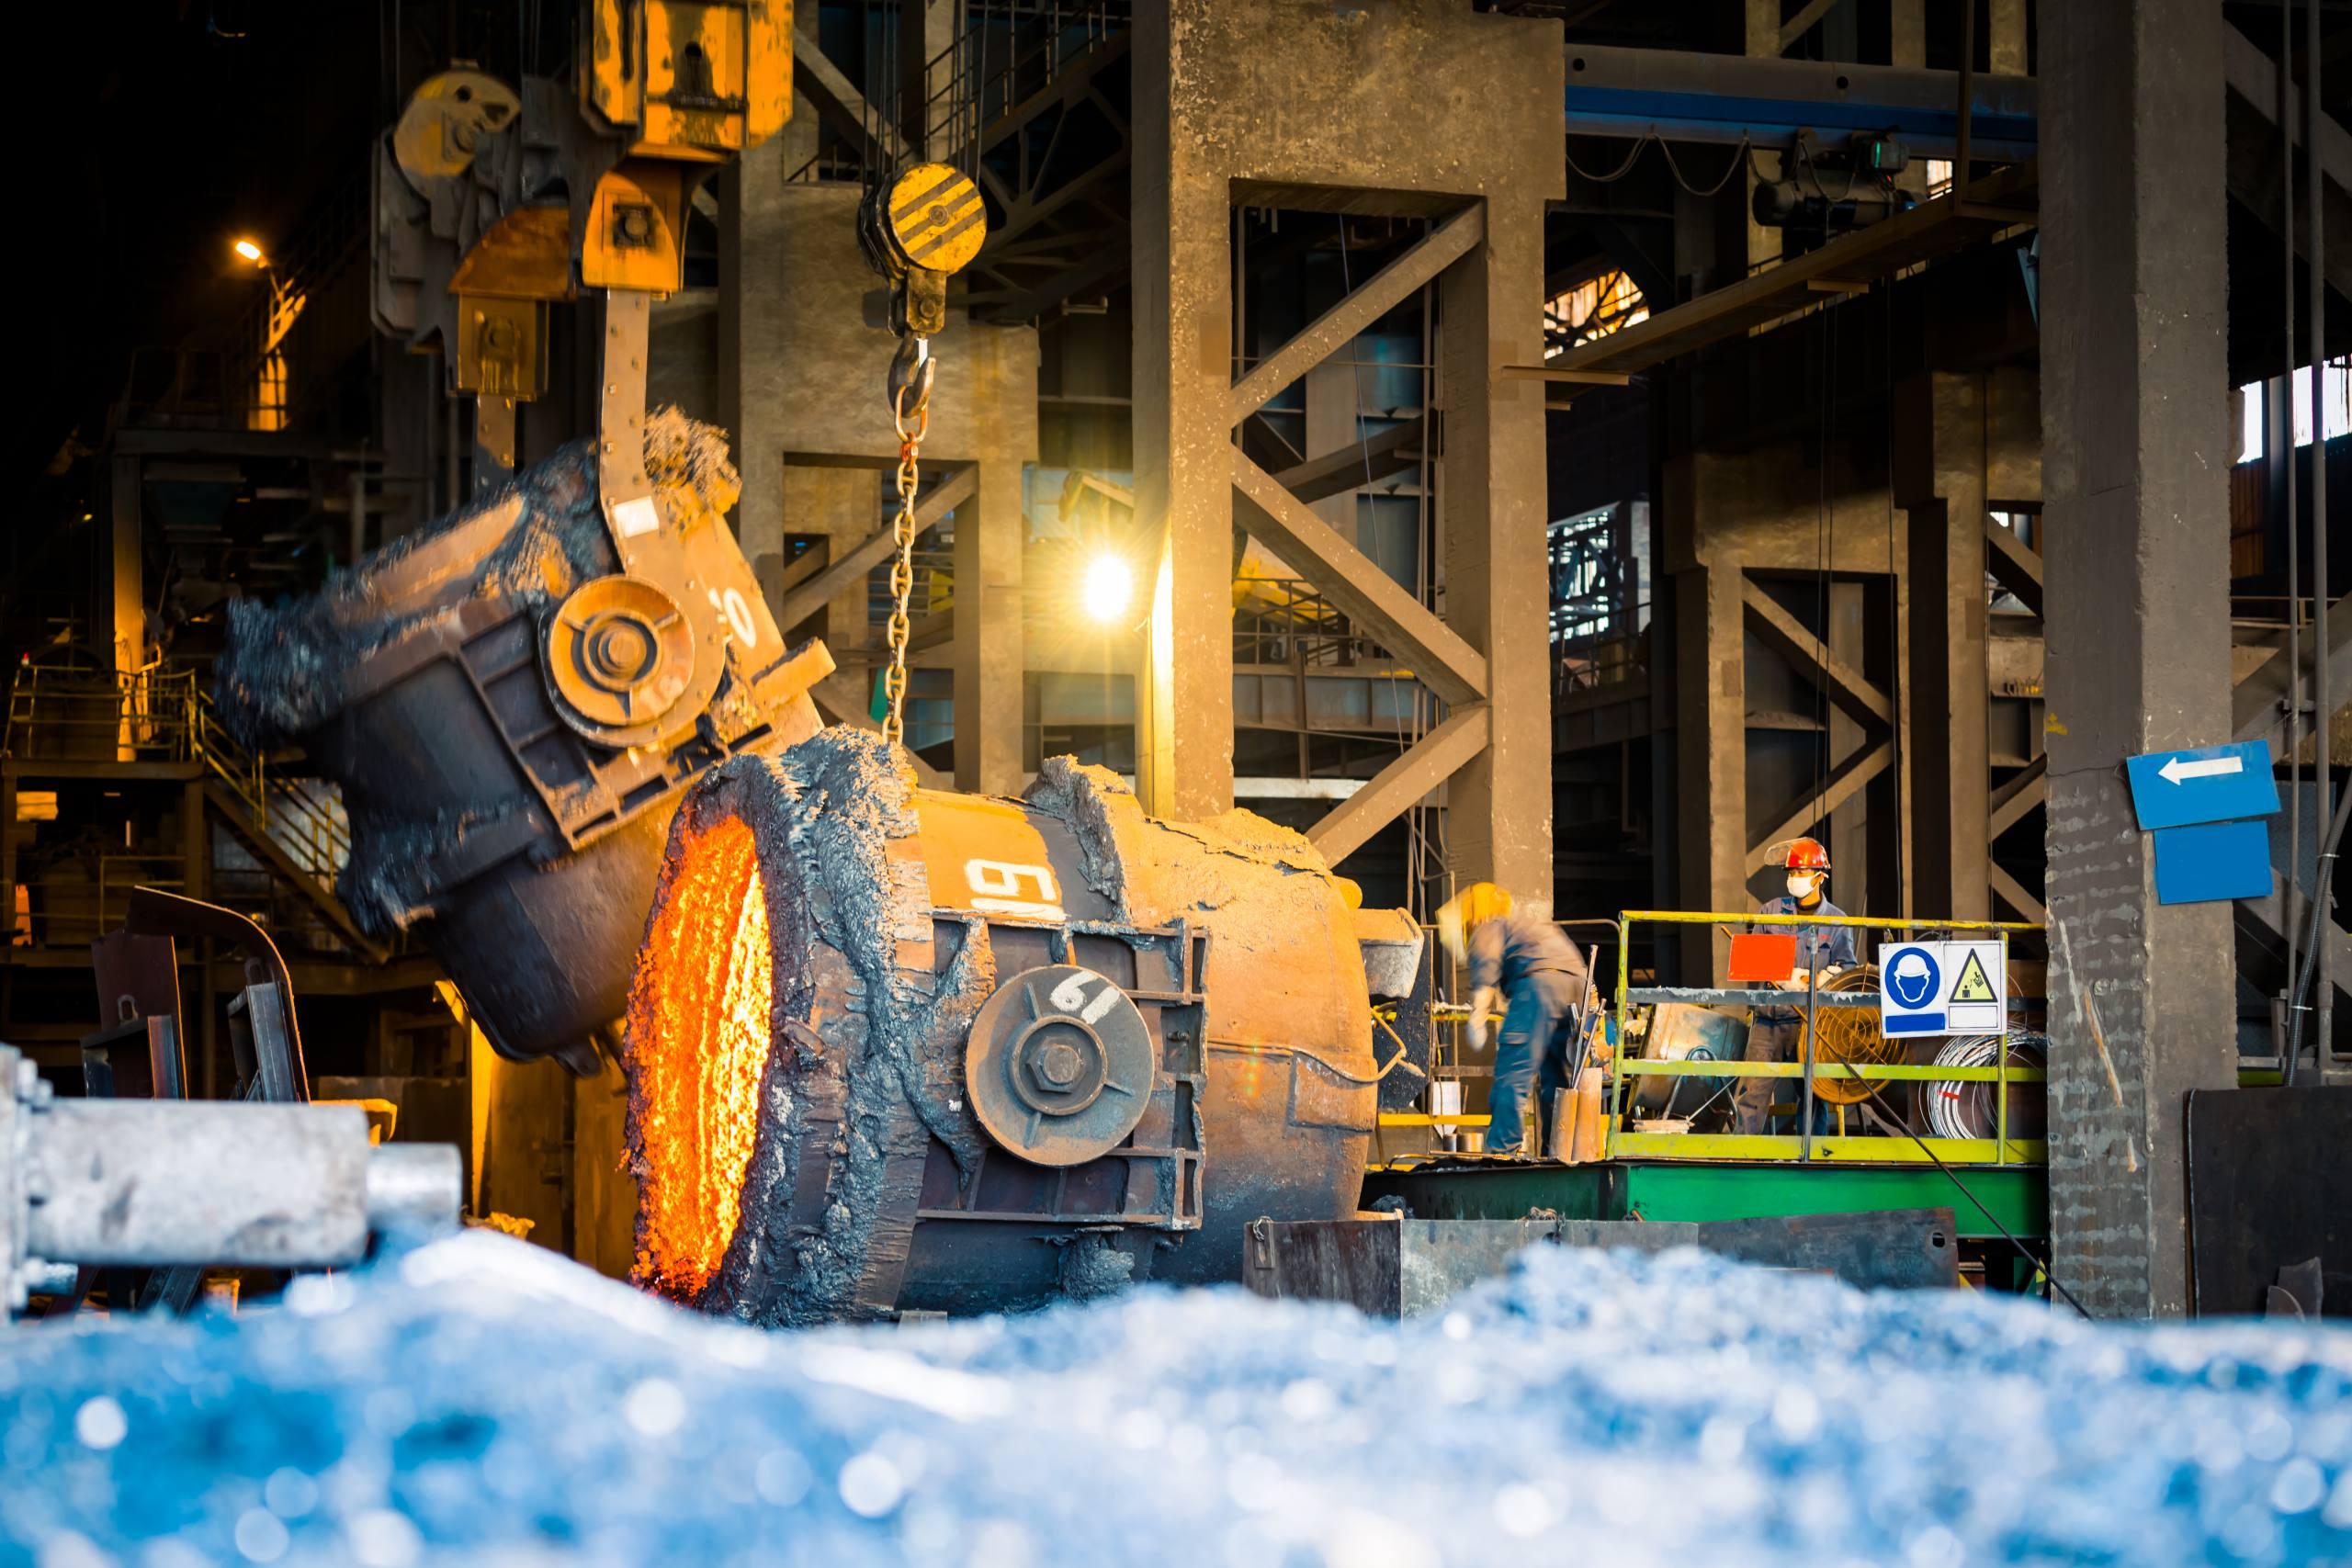 Confiança da indústria sobe 12,2 pontos em julho, aponta FGV